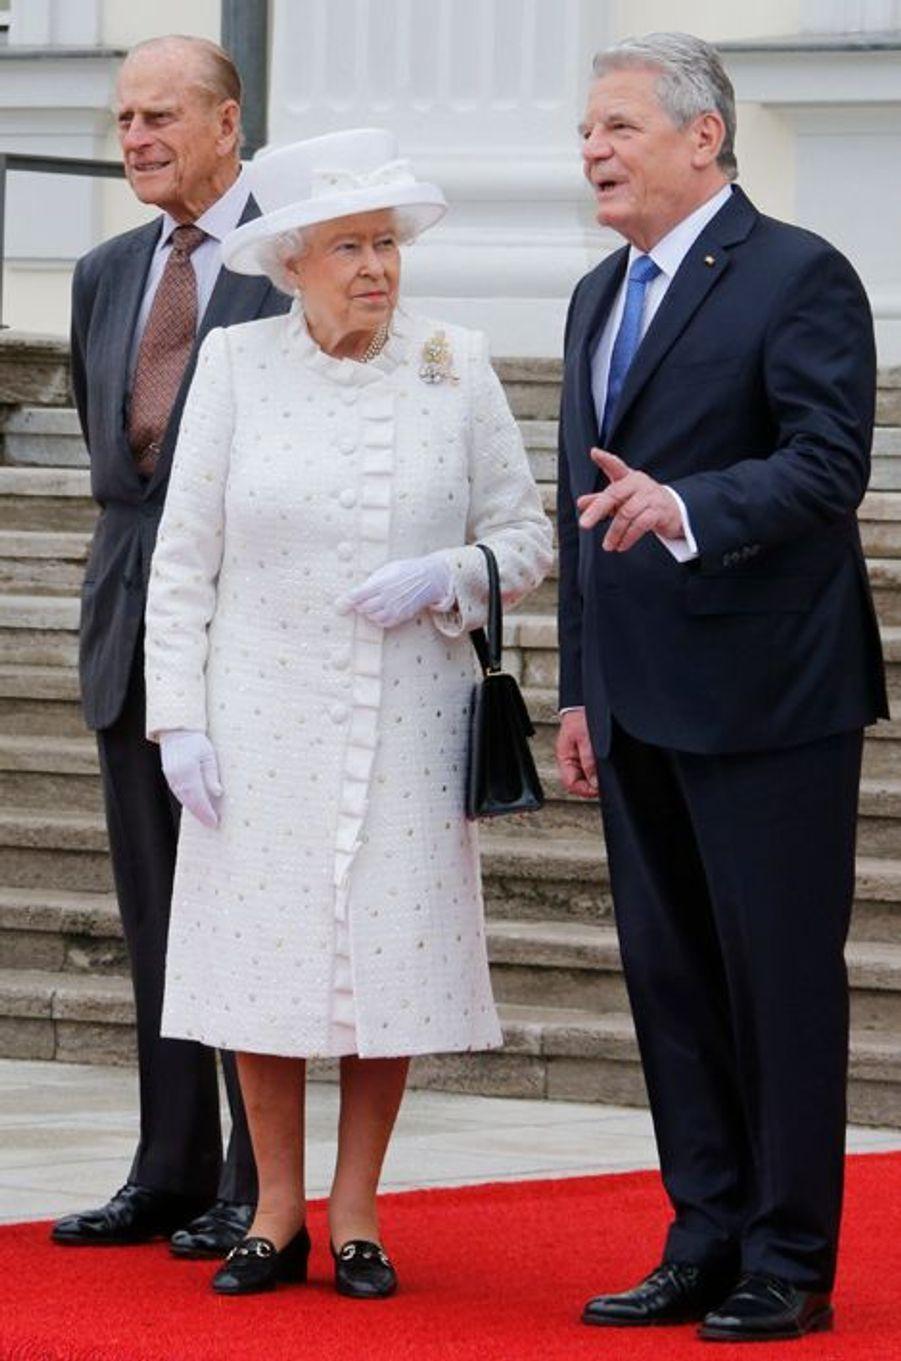 La reine Elizabeth II avec le prince Philip et Joachim Gauck à Berlin, le 24 juin 2015